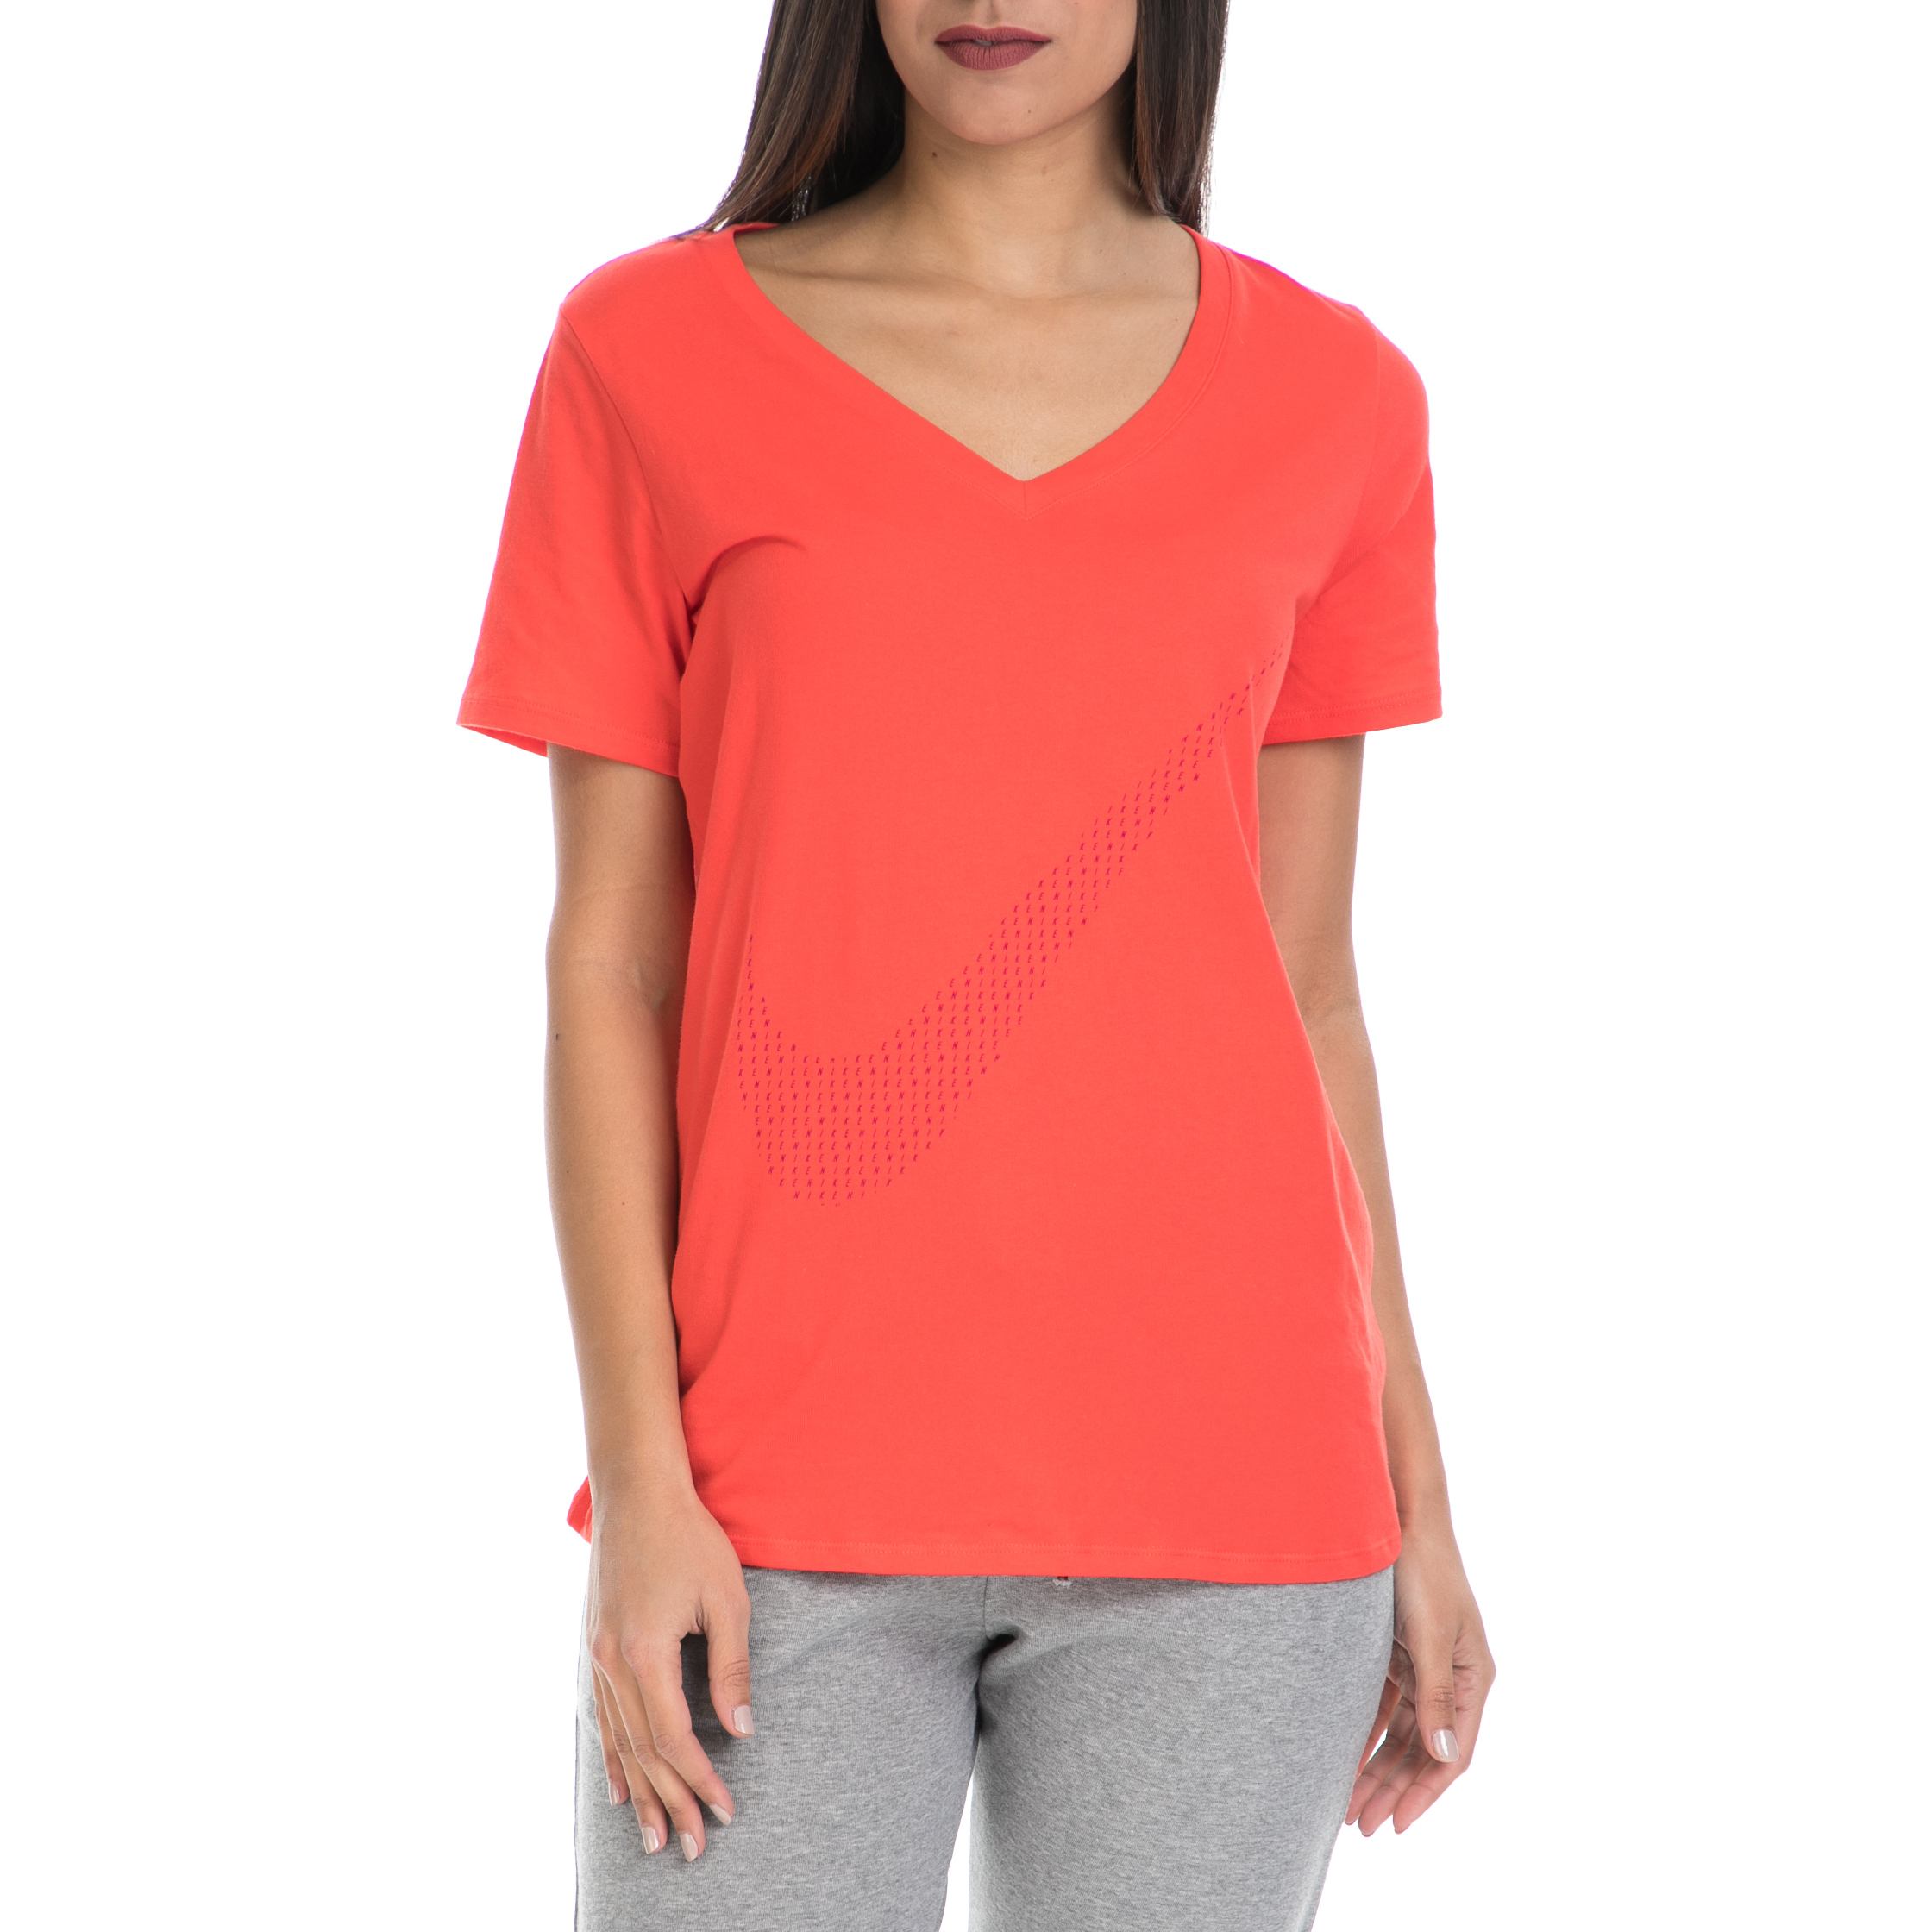 NIKE – Γυναικεία μπλούζα ΝΙΚΕ DRI FIT CTN SWOOSH V